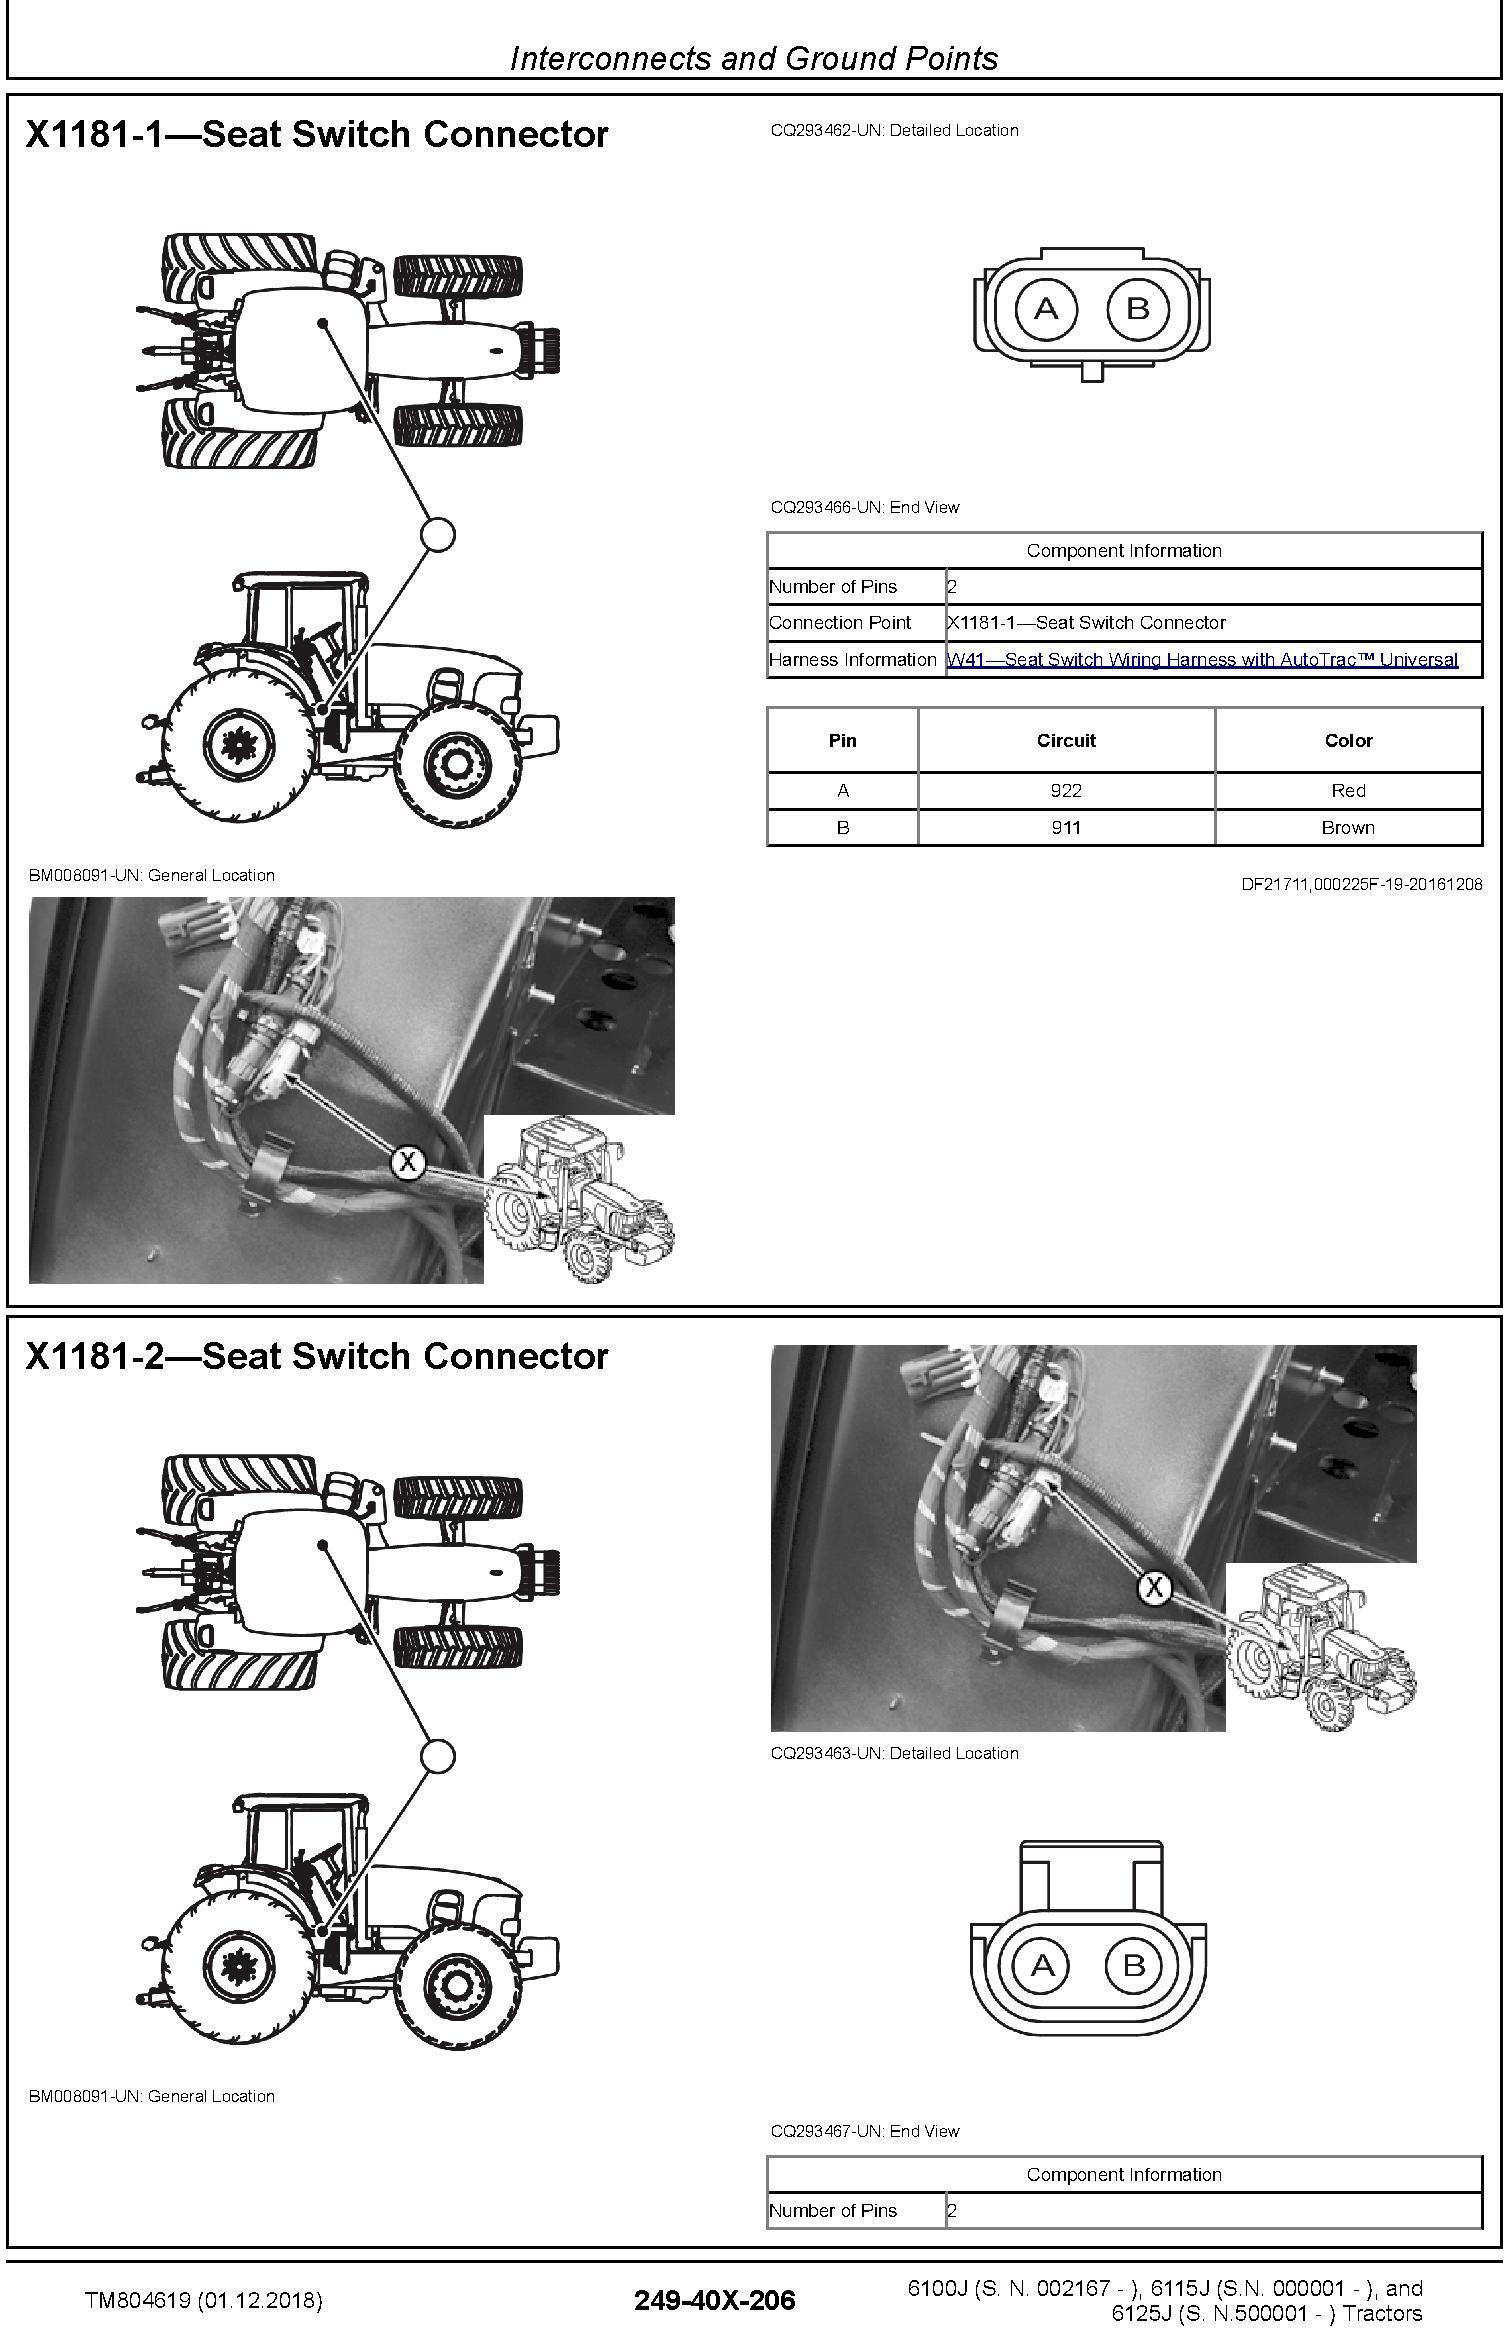 John Deere 6100J, 6115J, 6125J Tractors Diagnostic Technical Service Manual (TM804619) - 1